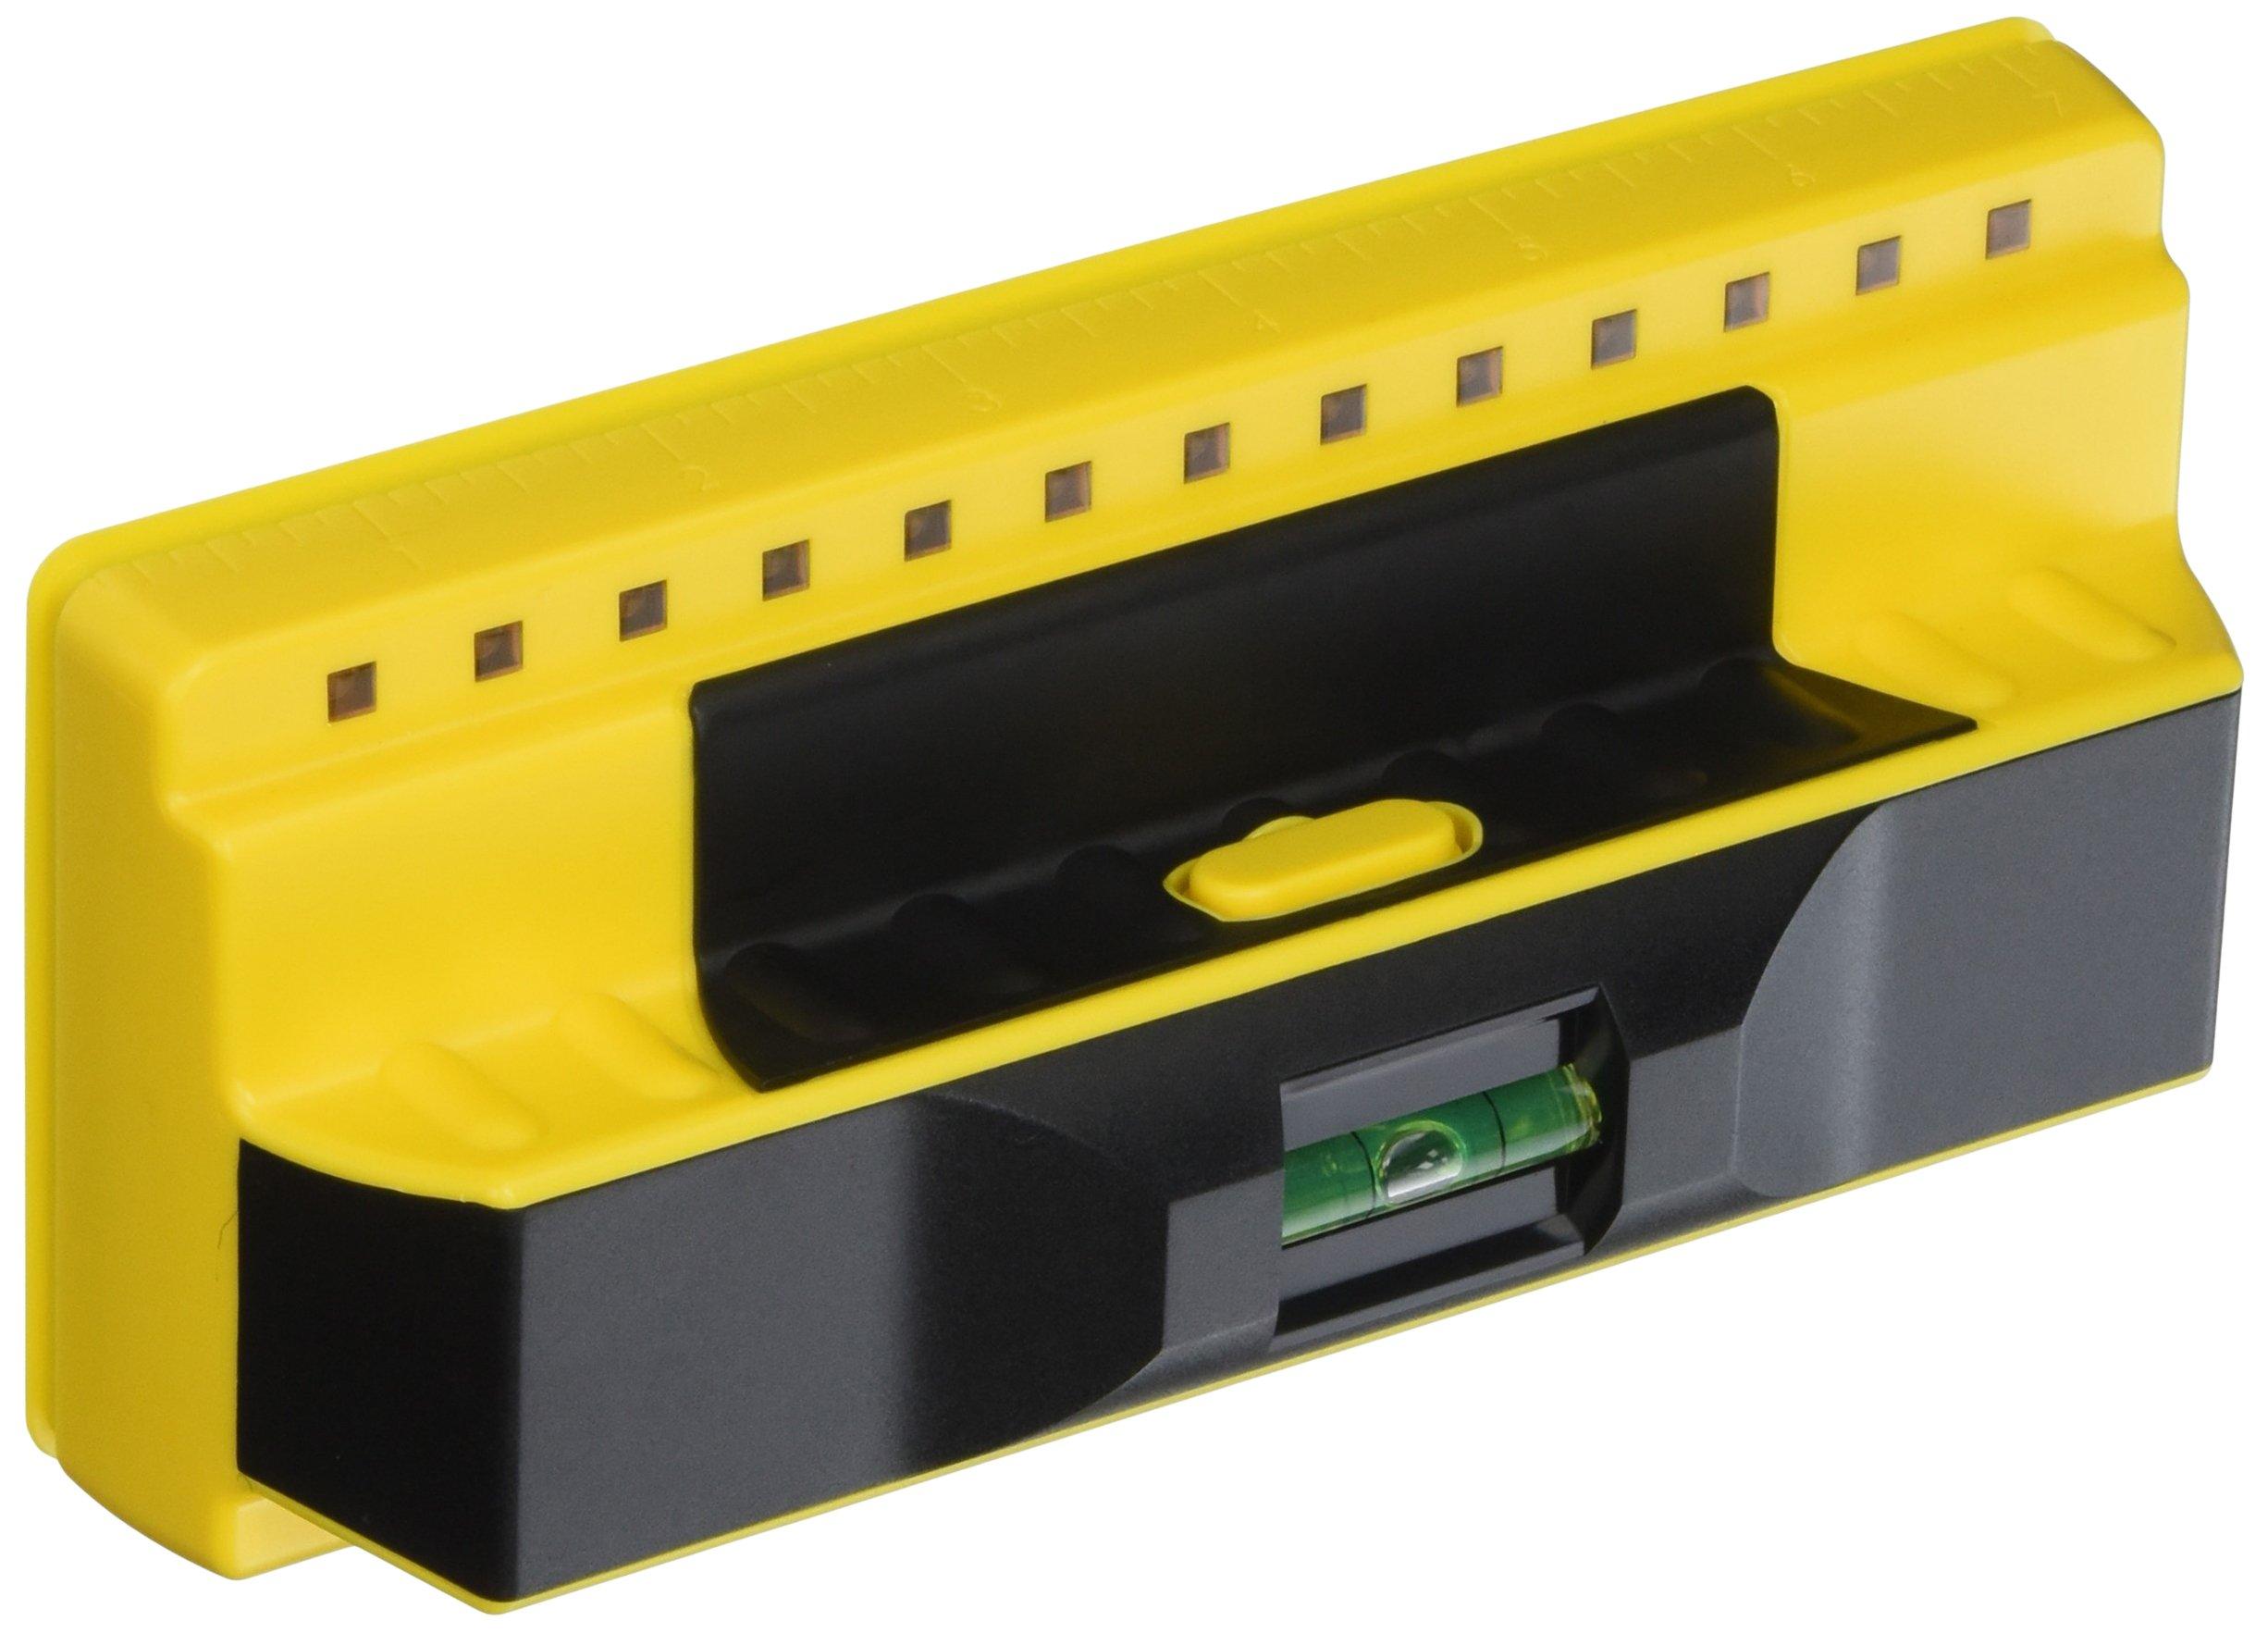 Franklin Sensors FS710PROProSensor 710+ Professional Stud Finder with Built-in Bubble Level & Ruler by Franklin Sensors